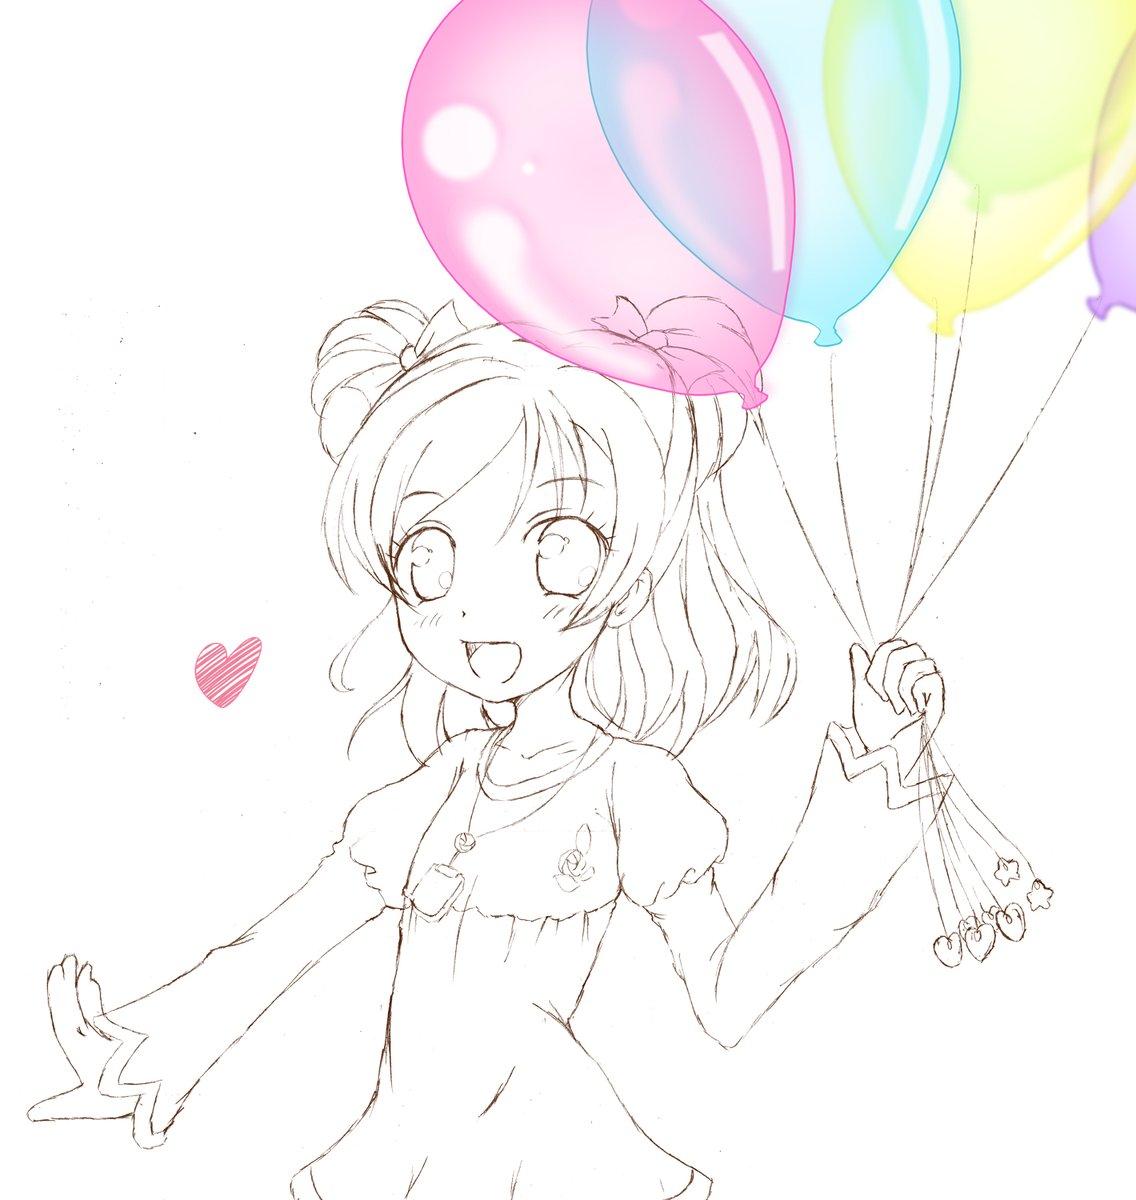 【お題箱より】 #odaibako_kazenofunet https://t.co/st4m923pPg プリキュア5ののぞみちゃんが色とりどりのヘリウム風船を持って喜んでる絵をお願いします!! https://t.co/N2caGGRZ1w